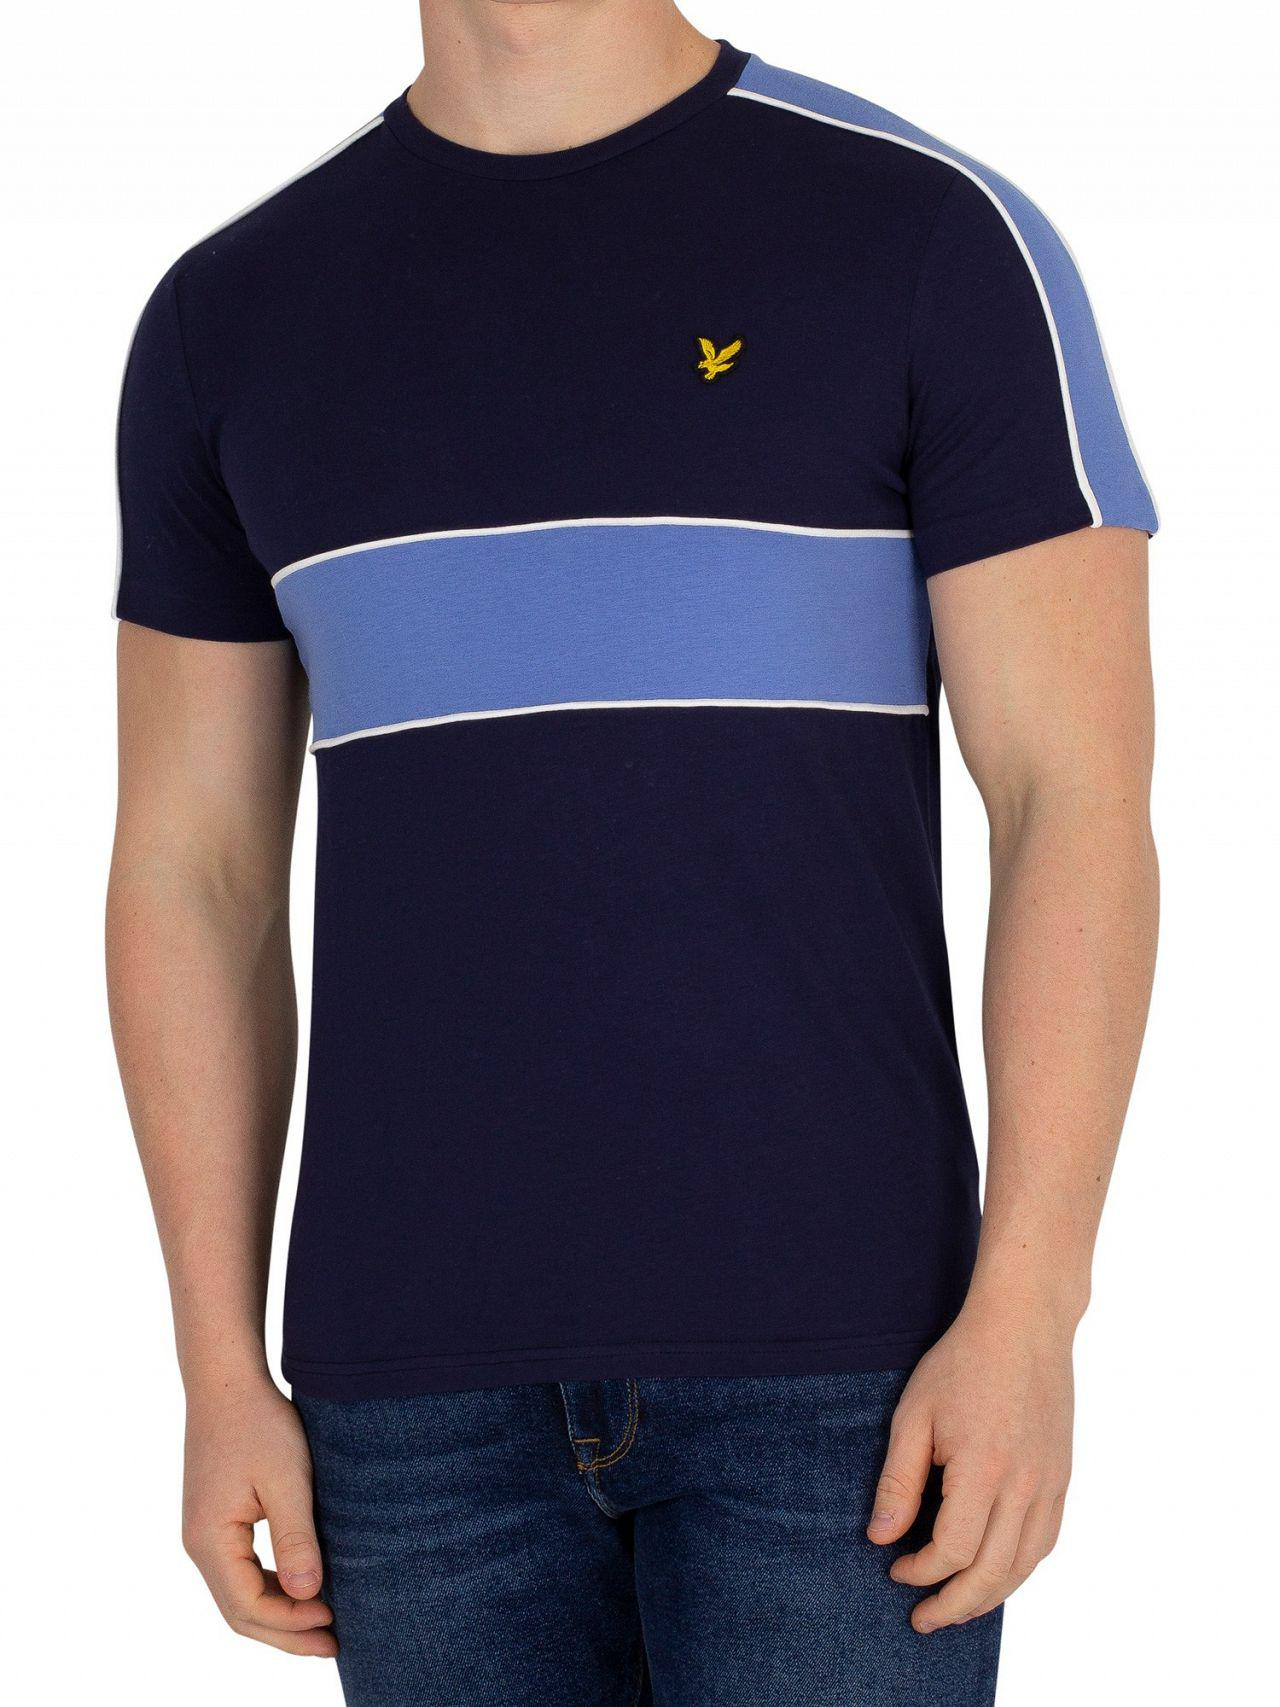 929fe2b74 Lyst - Lyle & Scott Navy Cut & Sew T-shirt in Blue for Men